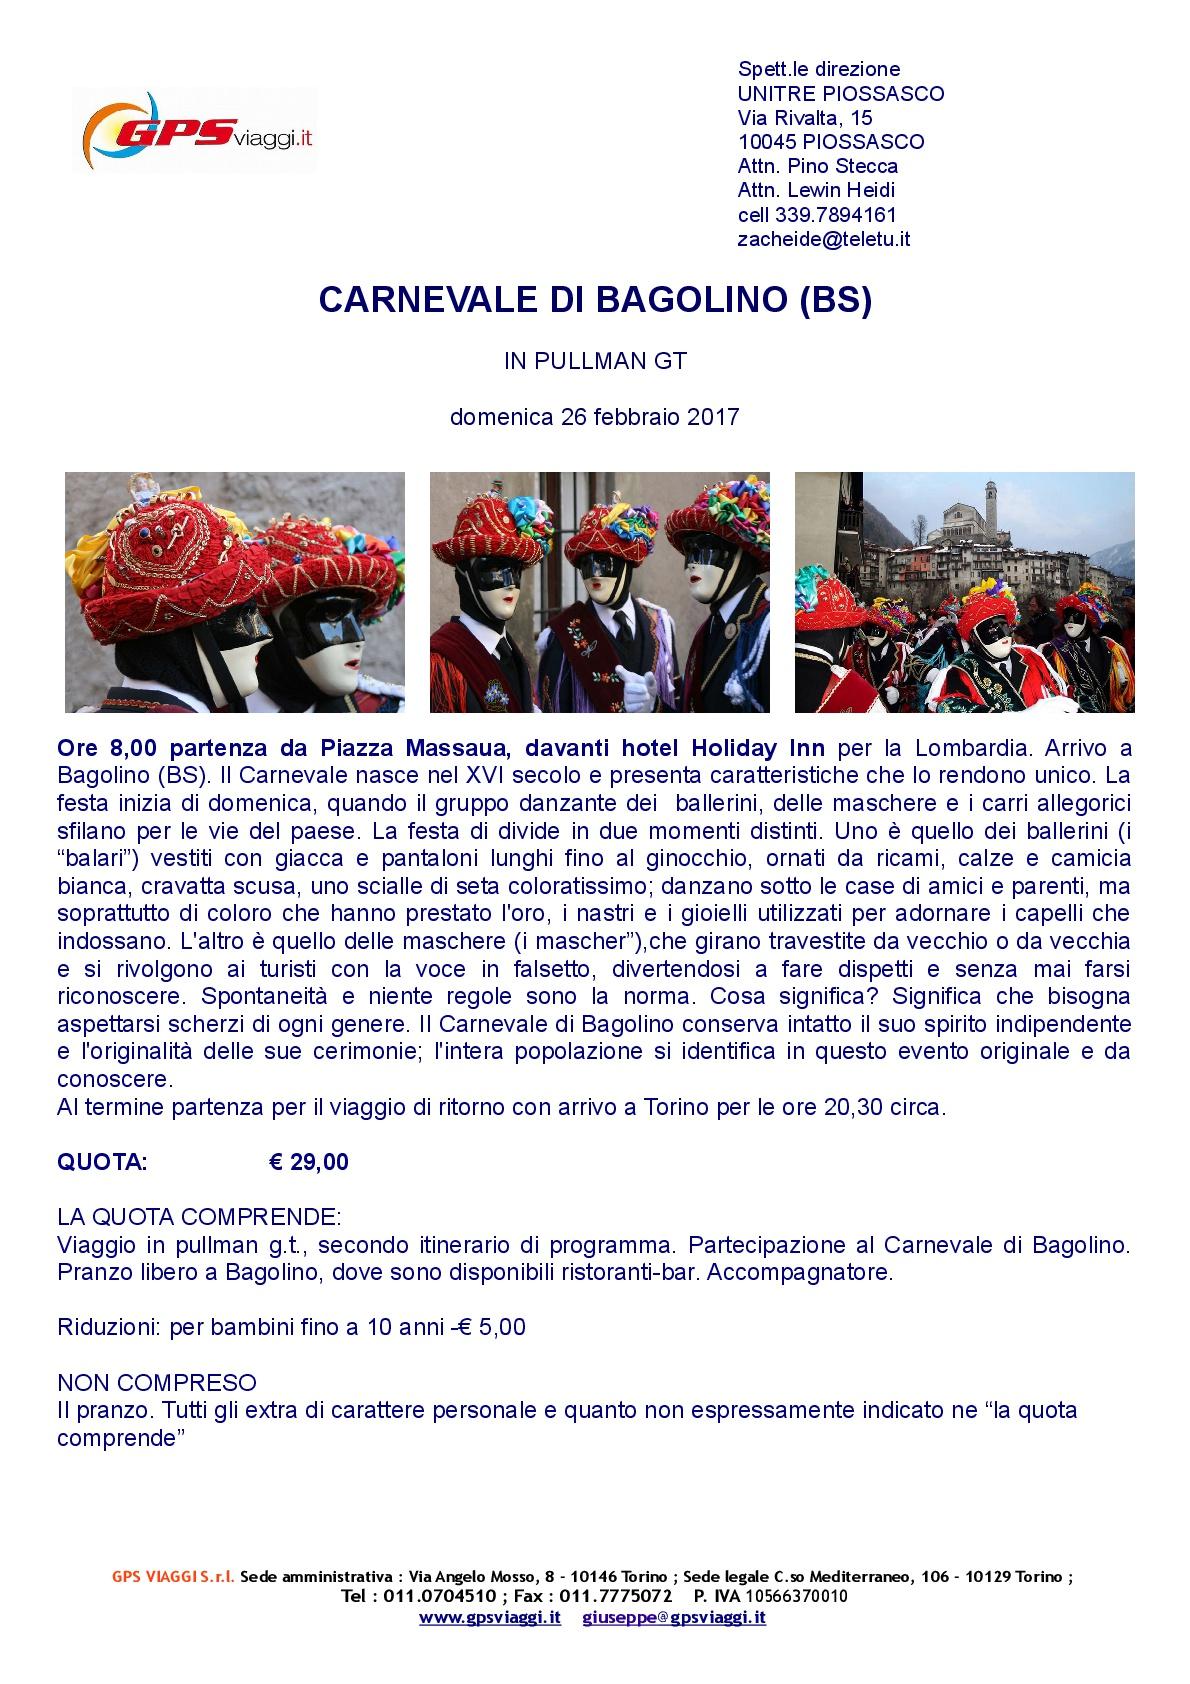 carnevale di Bagolino2017 UnitrePiossasco (3)-001